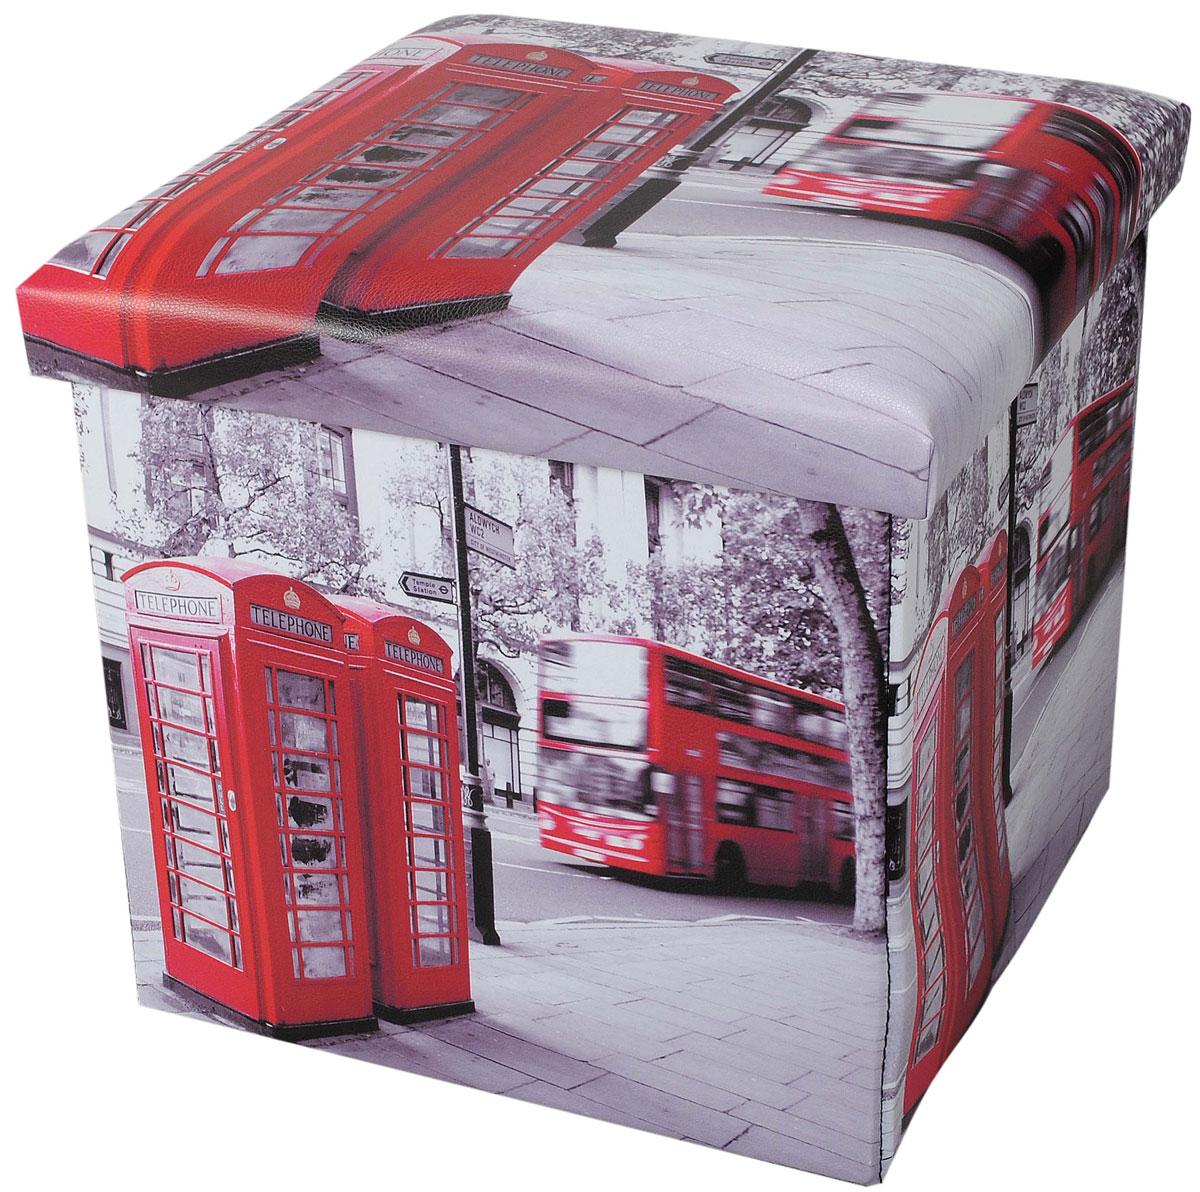 Пуф-короб для хранения HomeMaster Лондон, 38 х 38 х 38 смOT00458Очаровательный пуф-короб для хранения HomeMaster Лондон - удобный, компактный и стильный предмет интерьера. Изделие отличает актуальный дизайн и многофункциональность. На пуфе комфортно сидеть - он выдерживает вес до 90 кг. Верхняя часть пуфа представляет собой съемную мягкую крышку. Внутри можно хранить небольшие предметы домашнего обихода. Пуф-короб складной, благодаря чему его удобно хранить и перевозить. Такой пуф-короб займет достойное место в вашей гостиной или прихожей, а яркий рисунок с нотками лондонских мотивов впишется практически в любой интерьер.